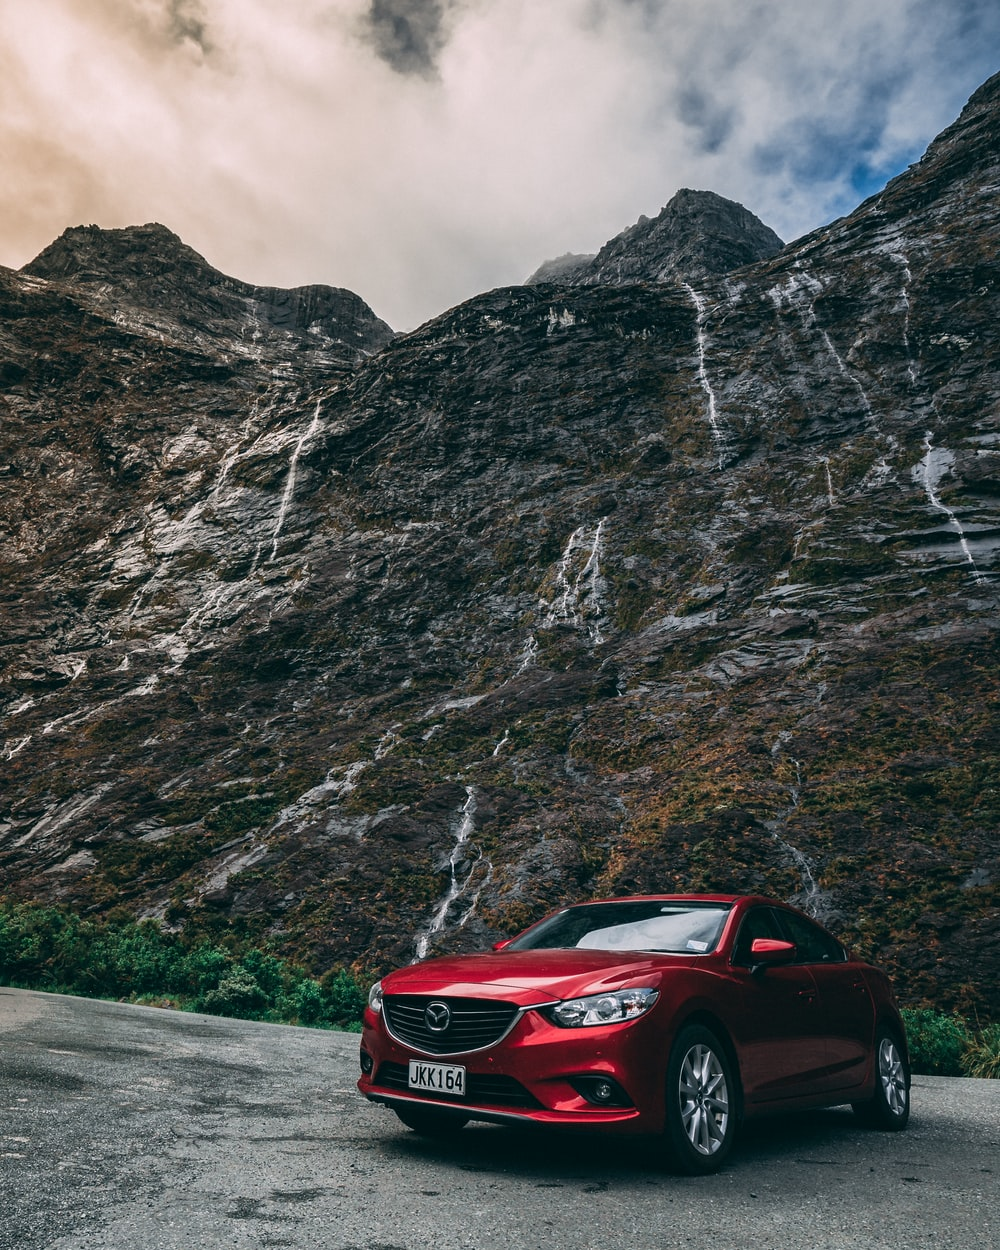 red Mazda vehicle